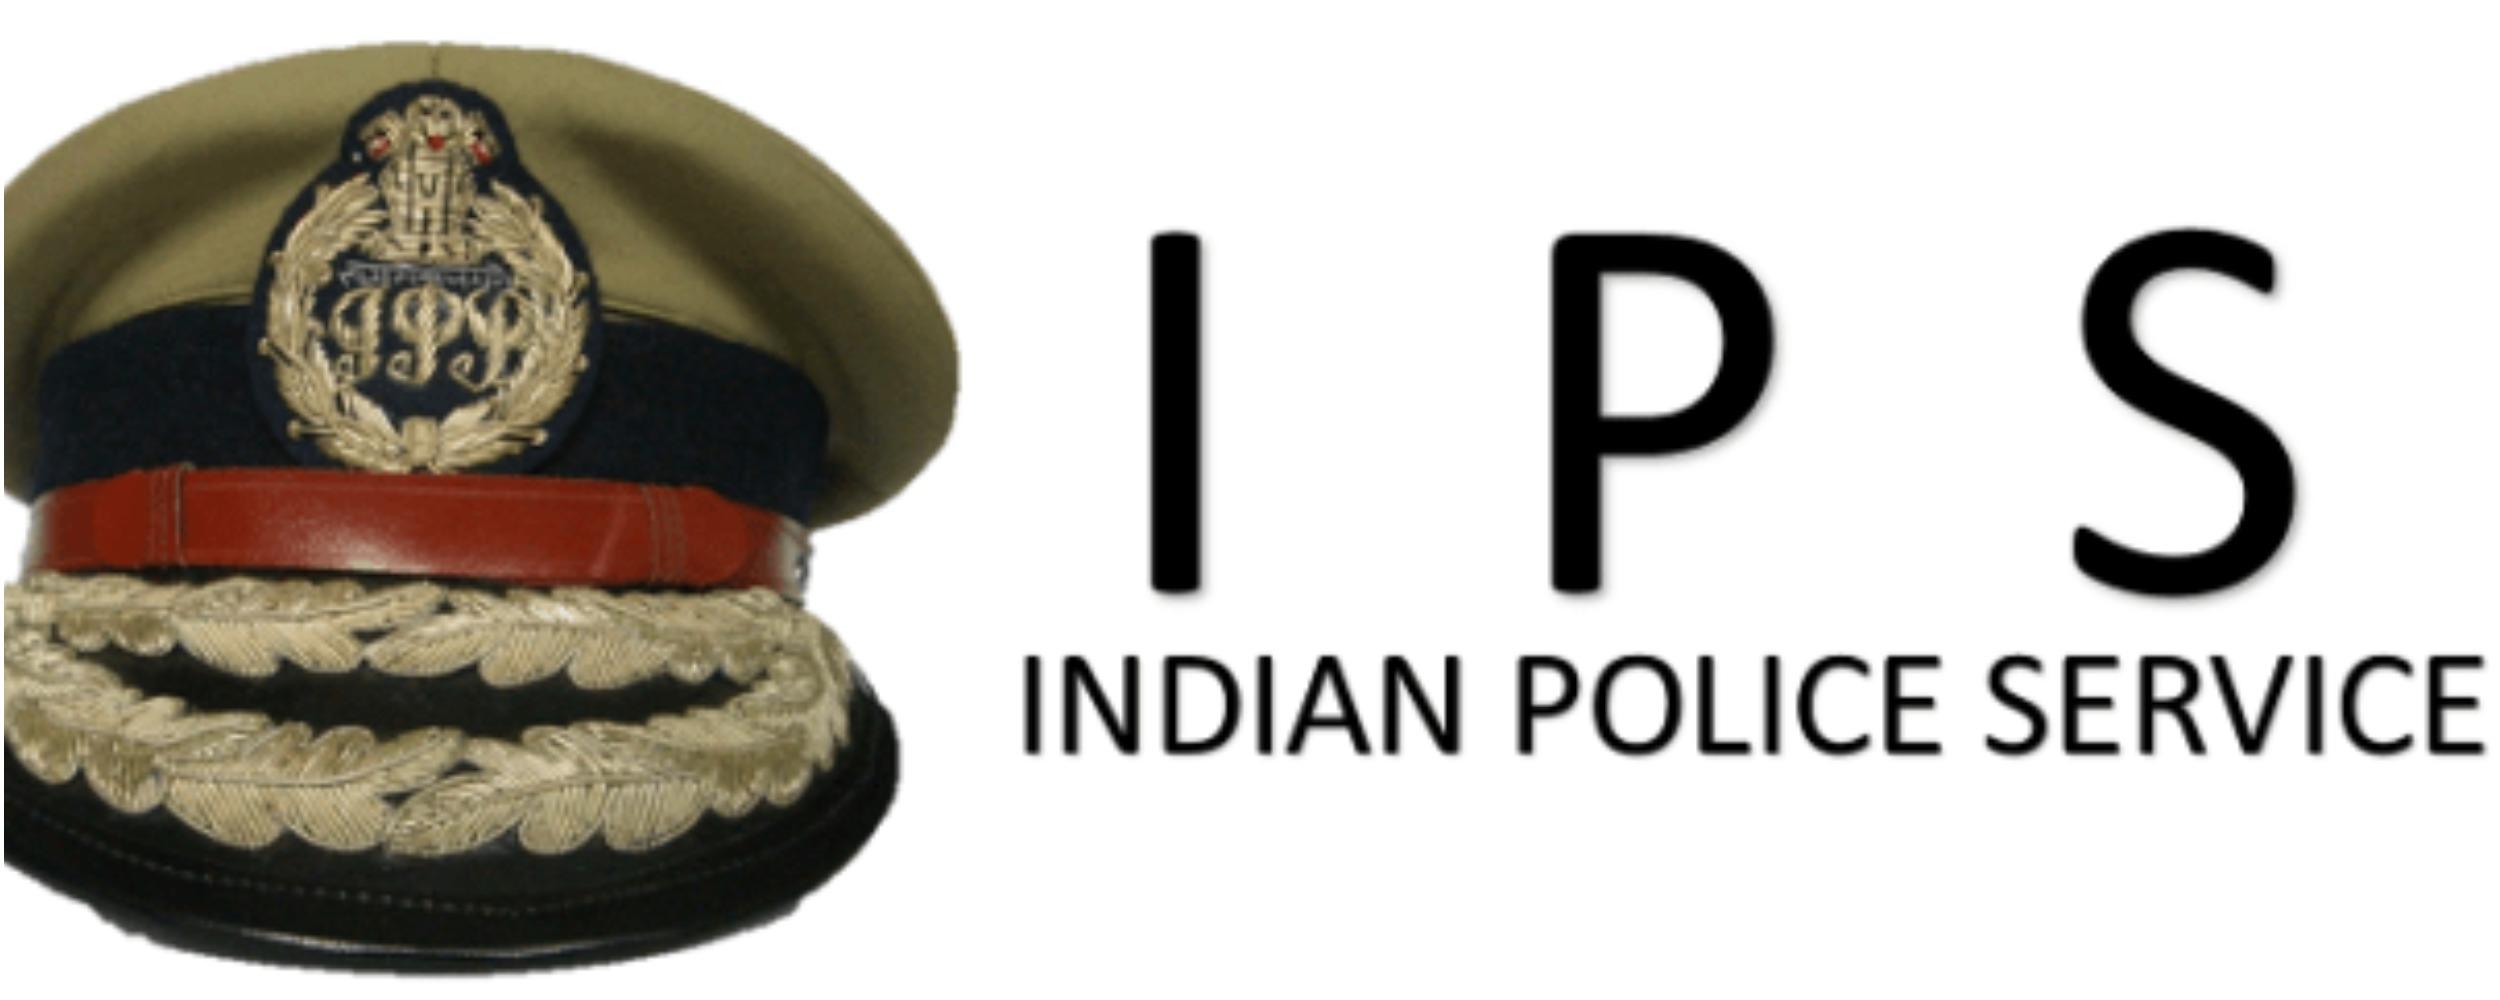 योगी सरकार ने यूपी में 14 IPS अफसरों का किया ट्रांसफर, अभिषेक दीक्षित को प्रयागराज का बनाया गया नया एसएसपी